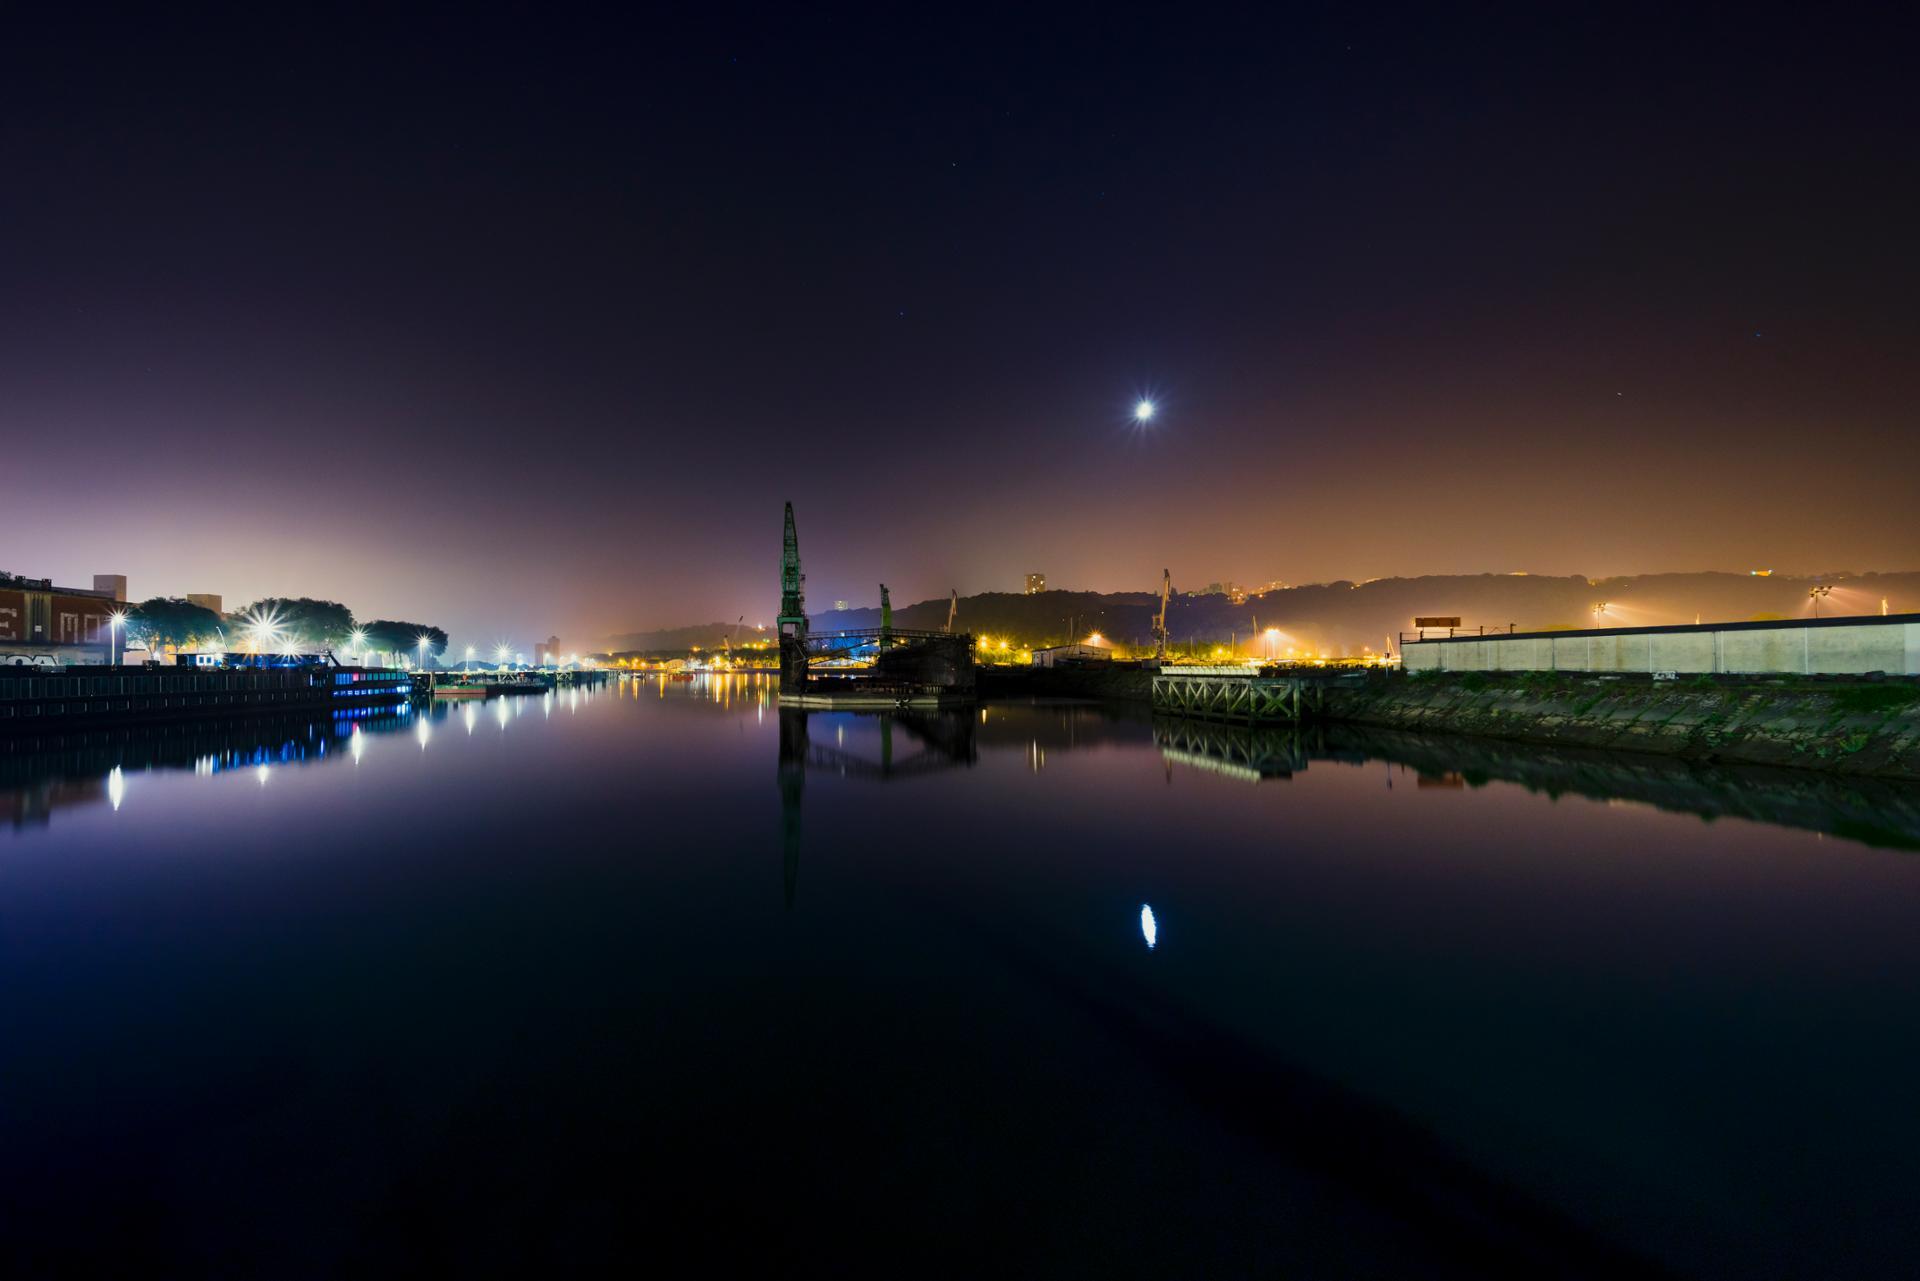 Quai Portuaire, Rouen